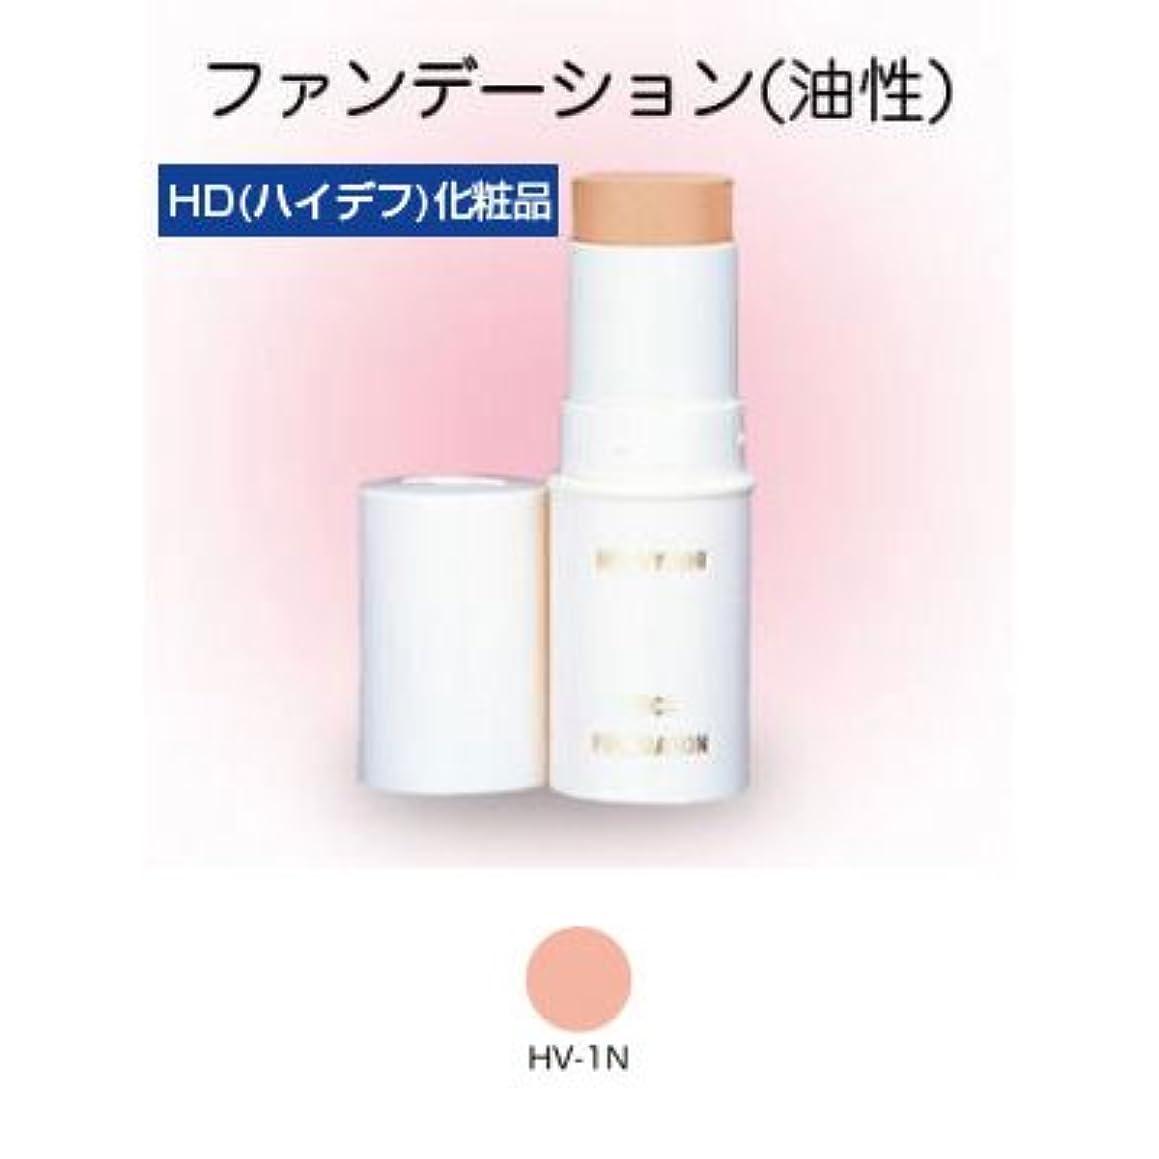 スティックファンデーション HD化粧品 17g 1NY 【三善】